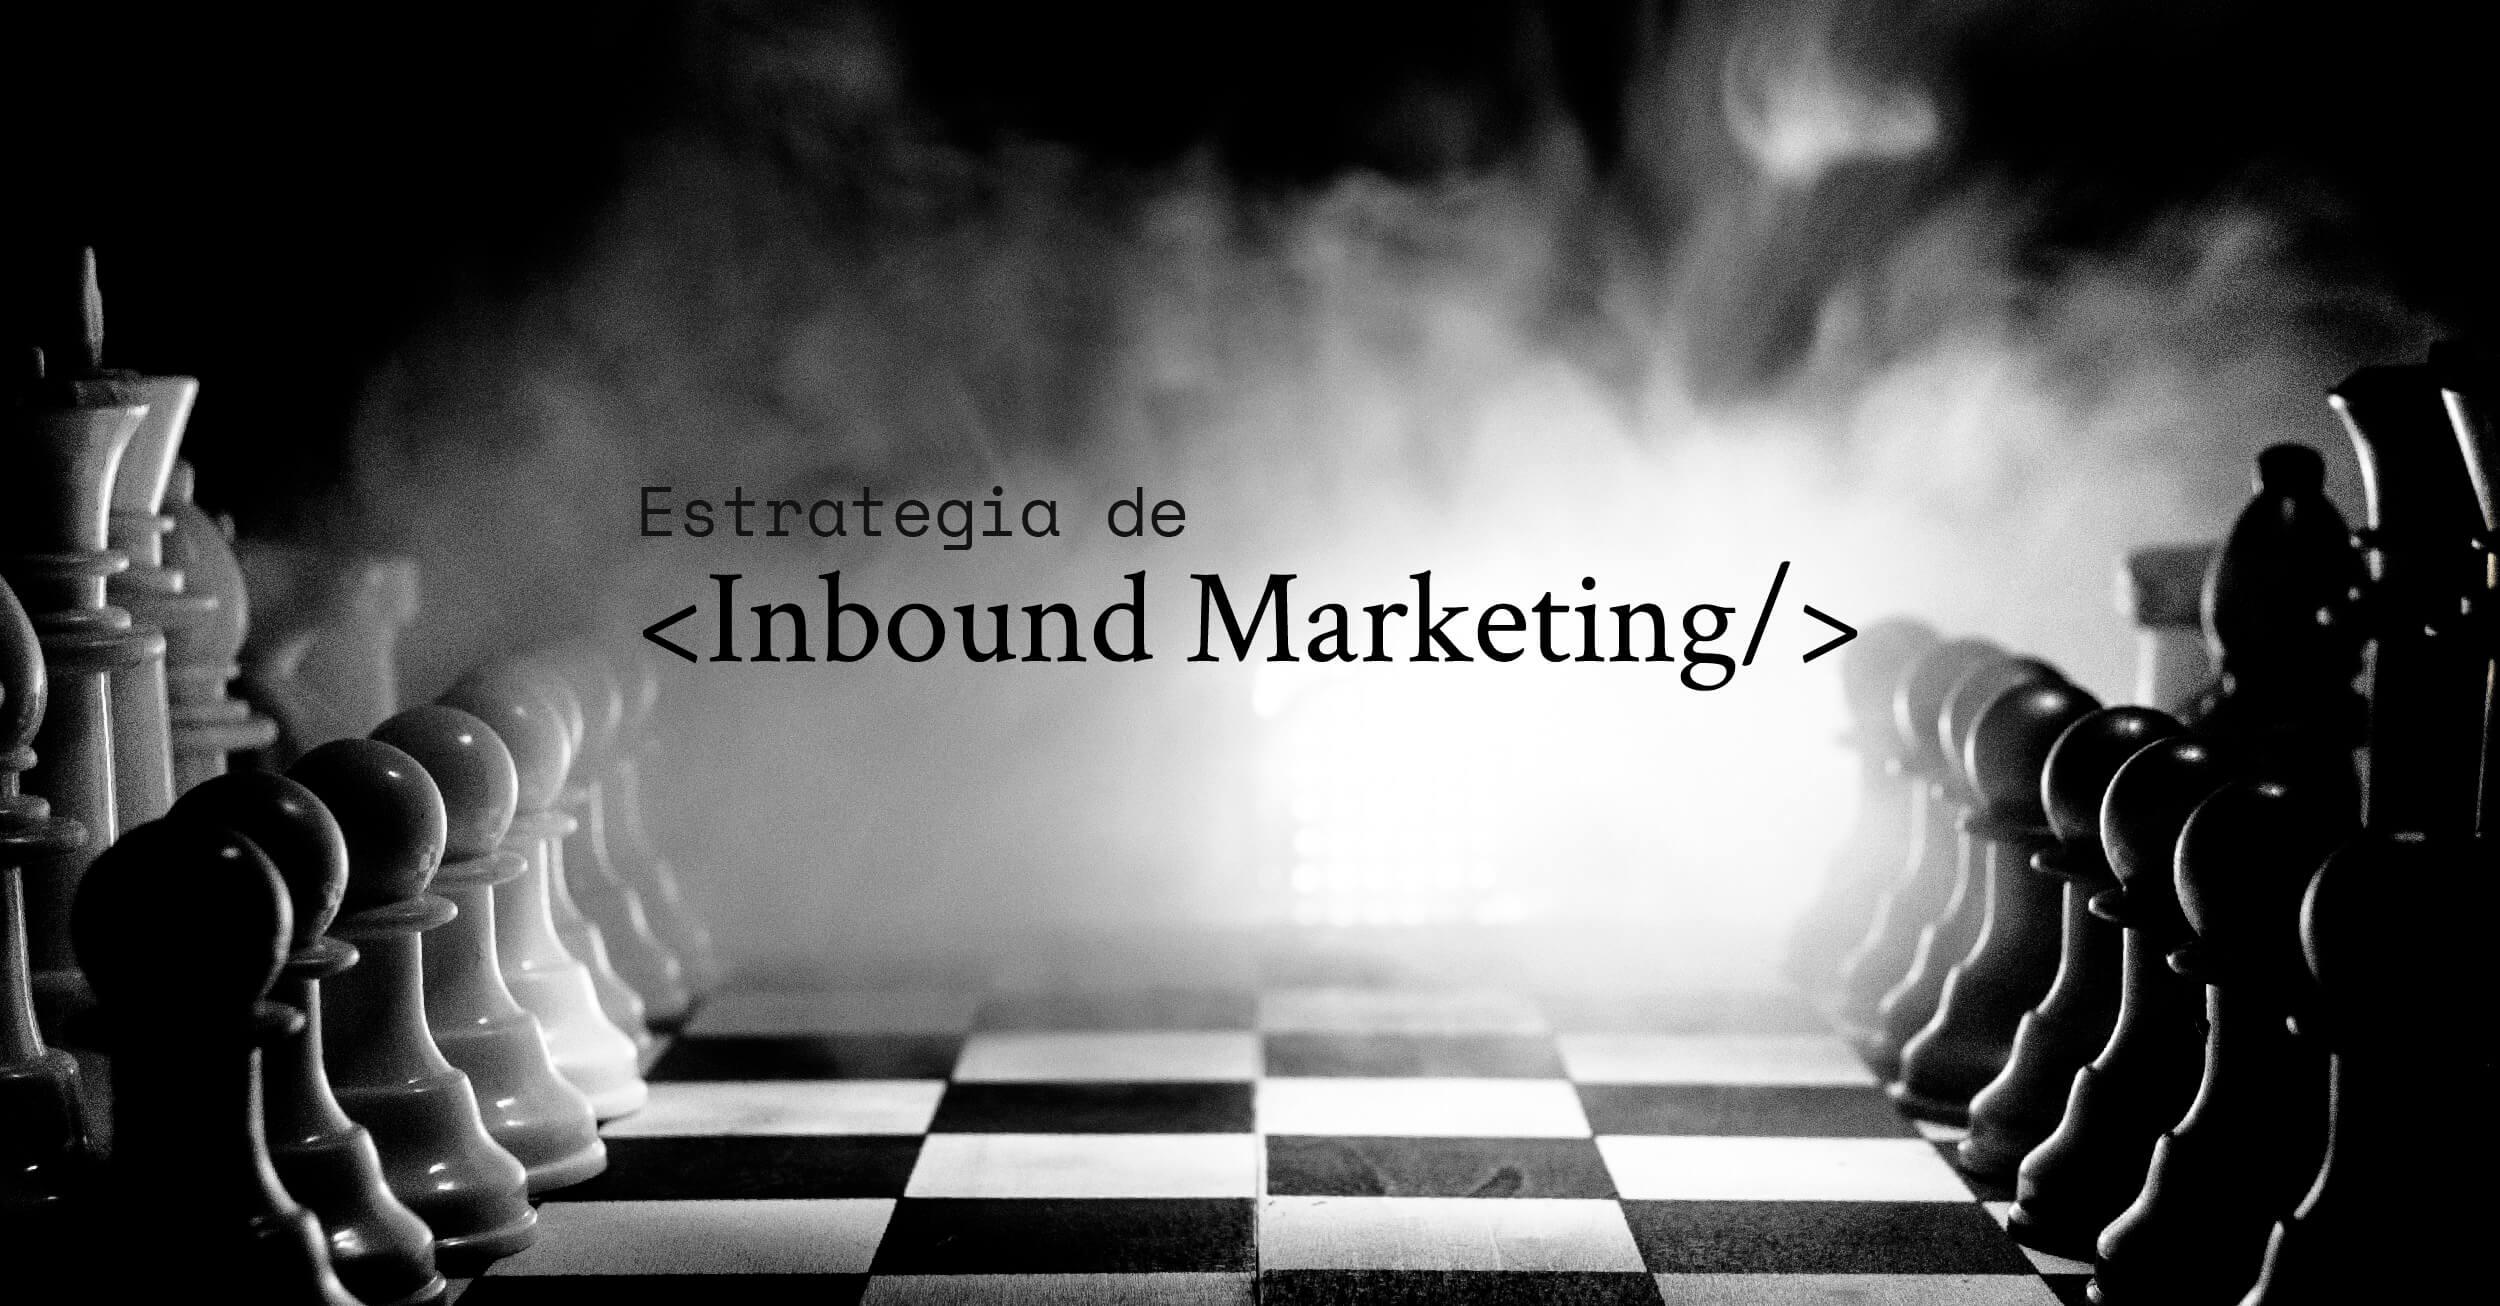 Estrategia de Inbound Marketing la mejor para tu empresa